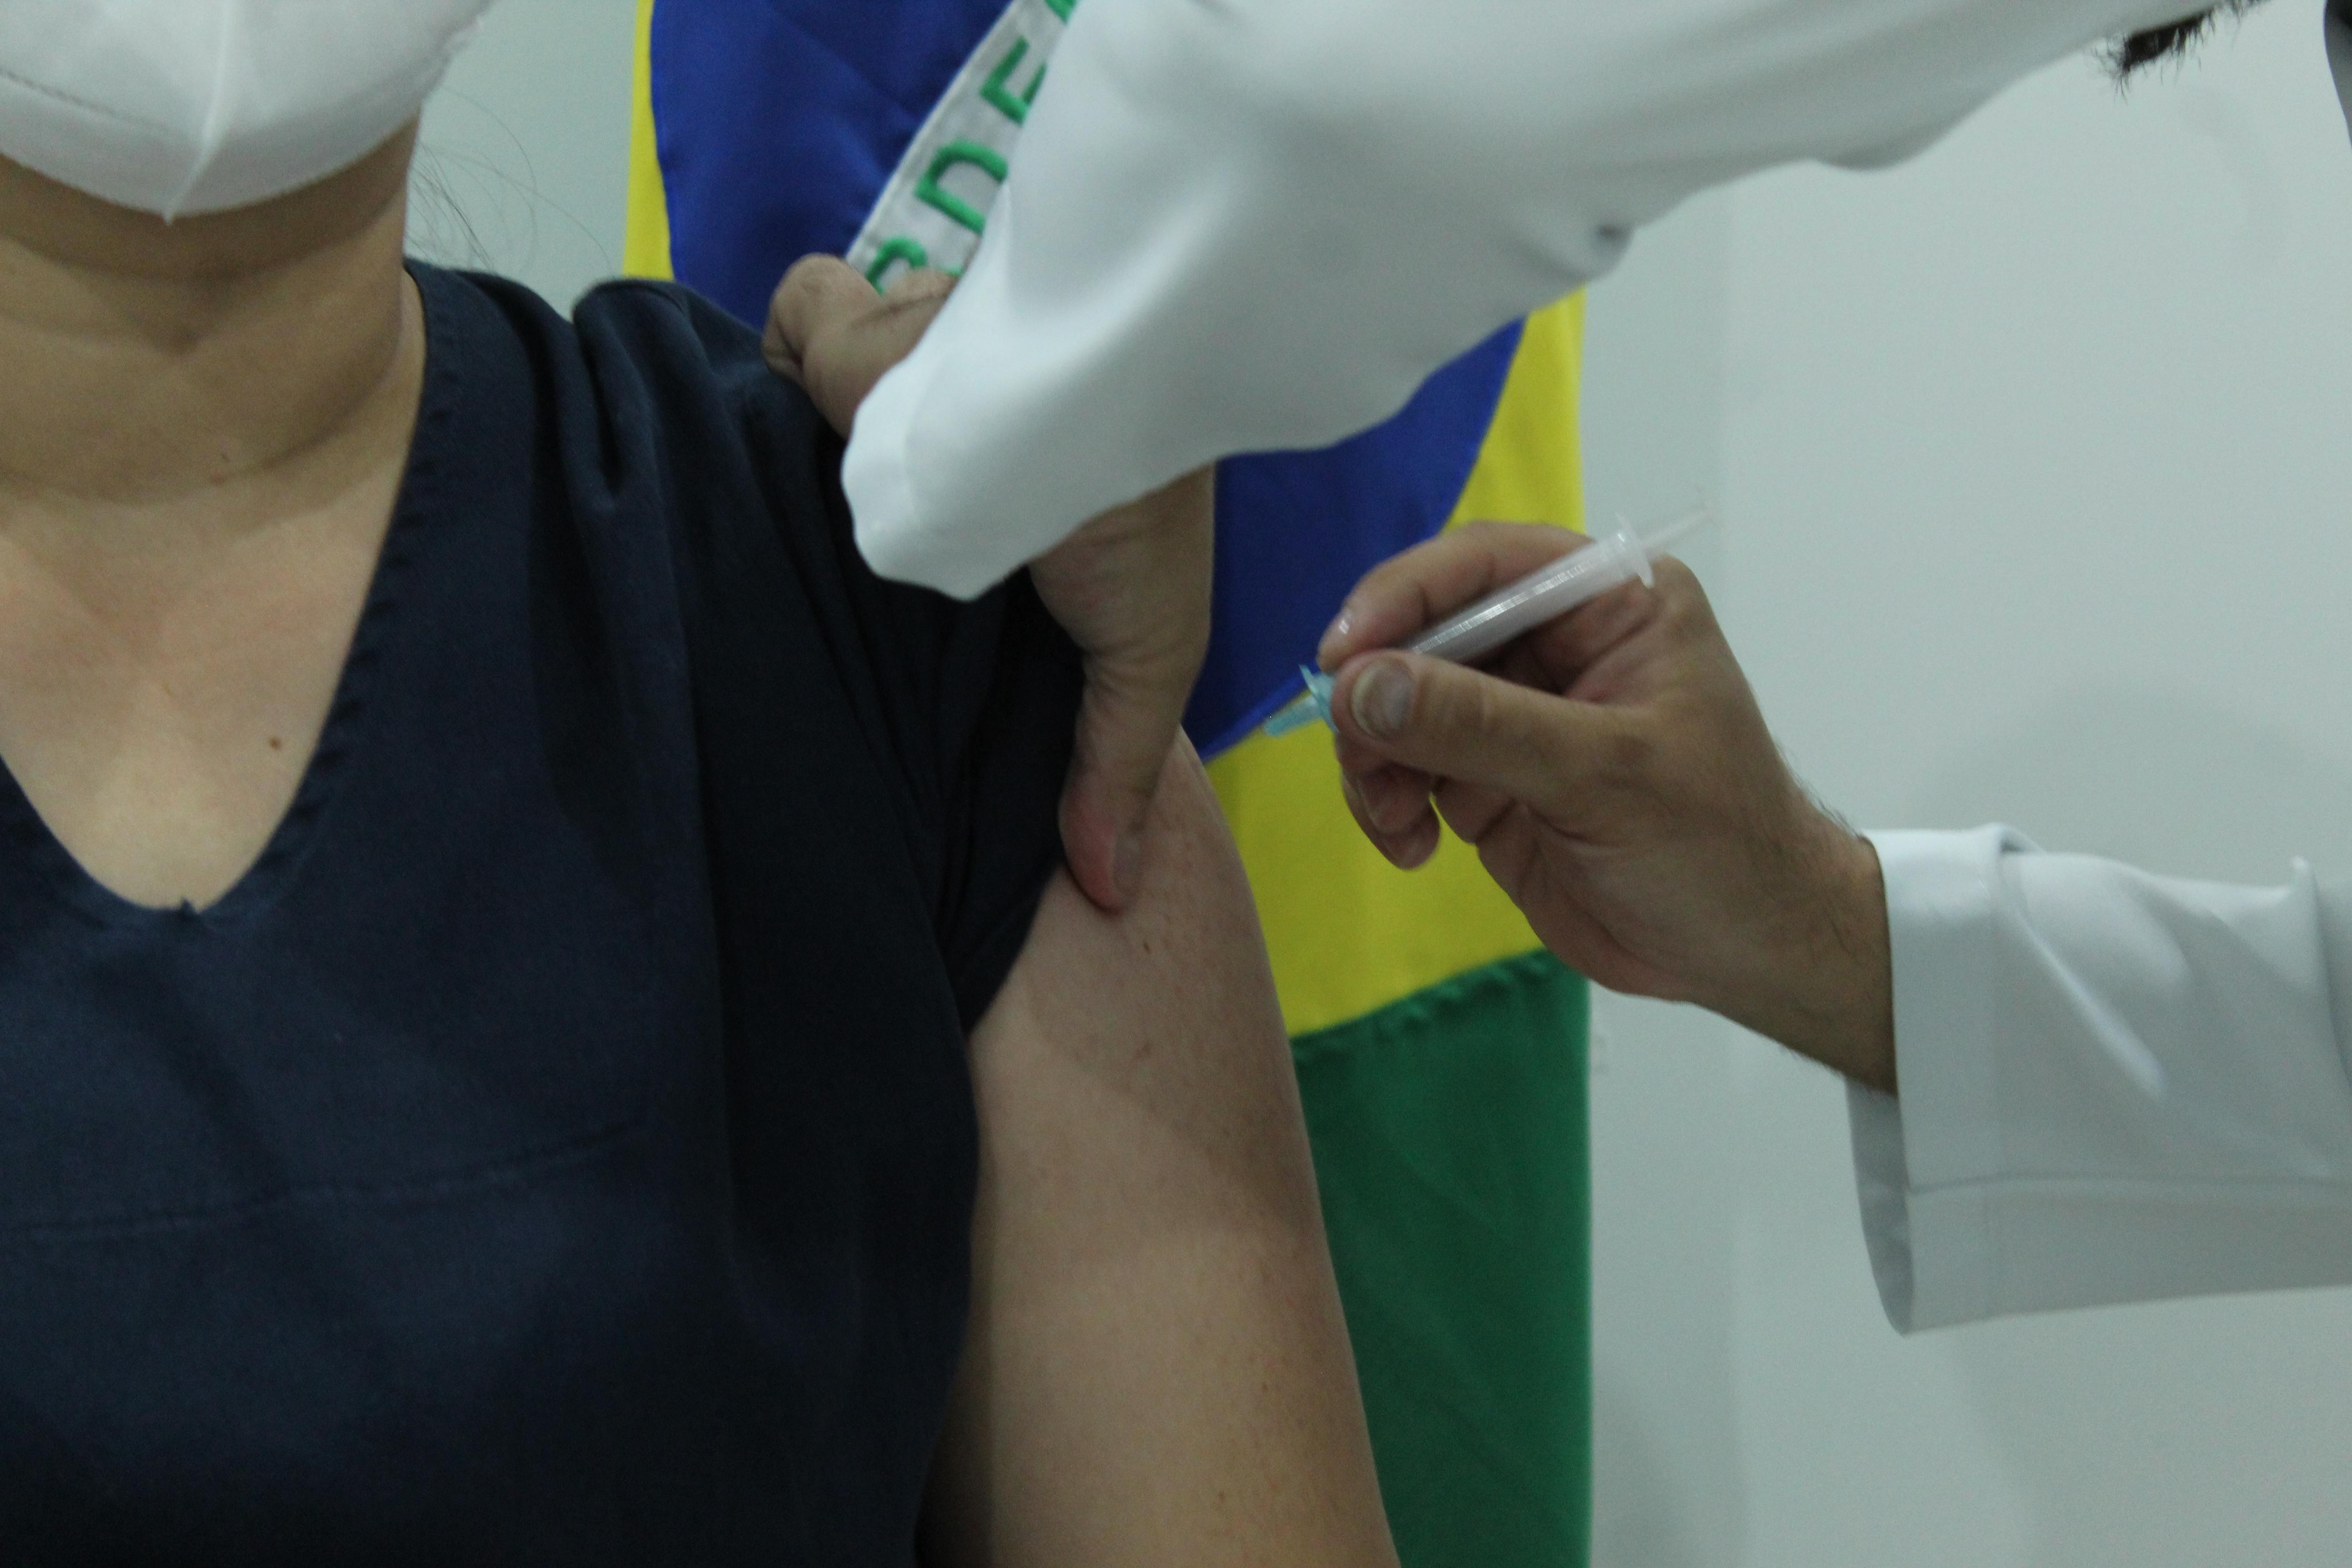 Seguindo o Plano Estadual de Imunização, o município de São Jorge do Patrocínio iniciou na última terça-feira (19/01/2021), a campanha de vacinação contra a Covid-19.